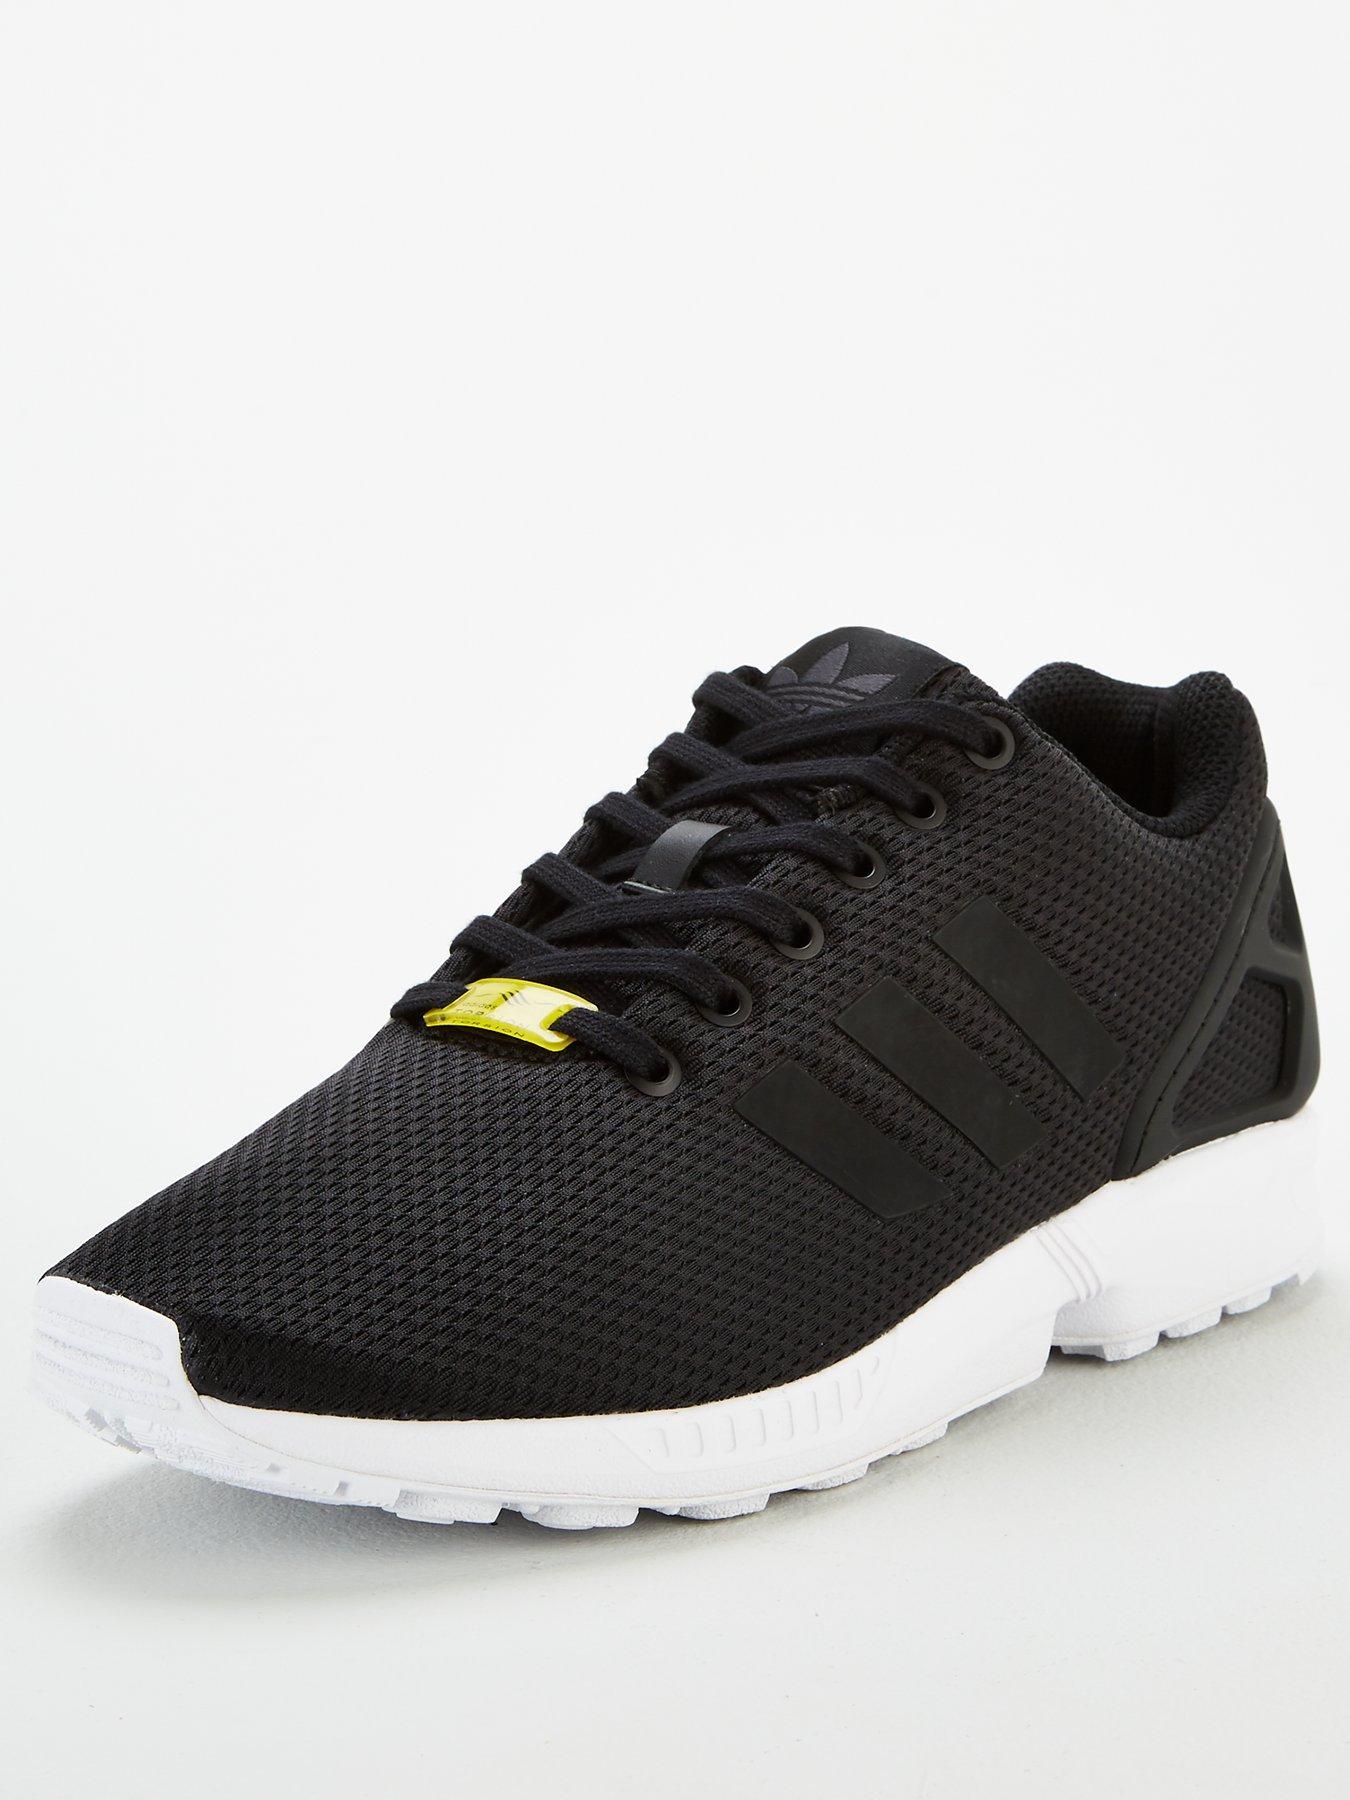 adidas Originals ZX Flux - Black/White